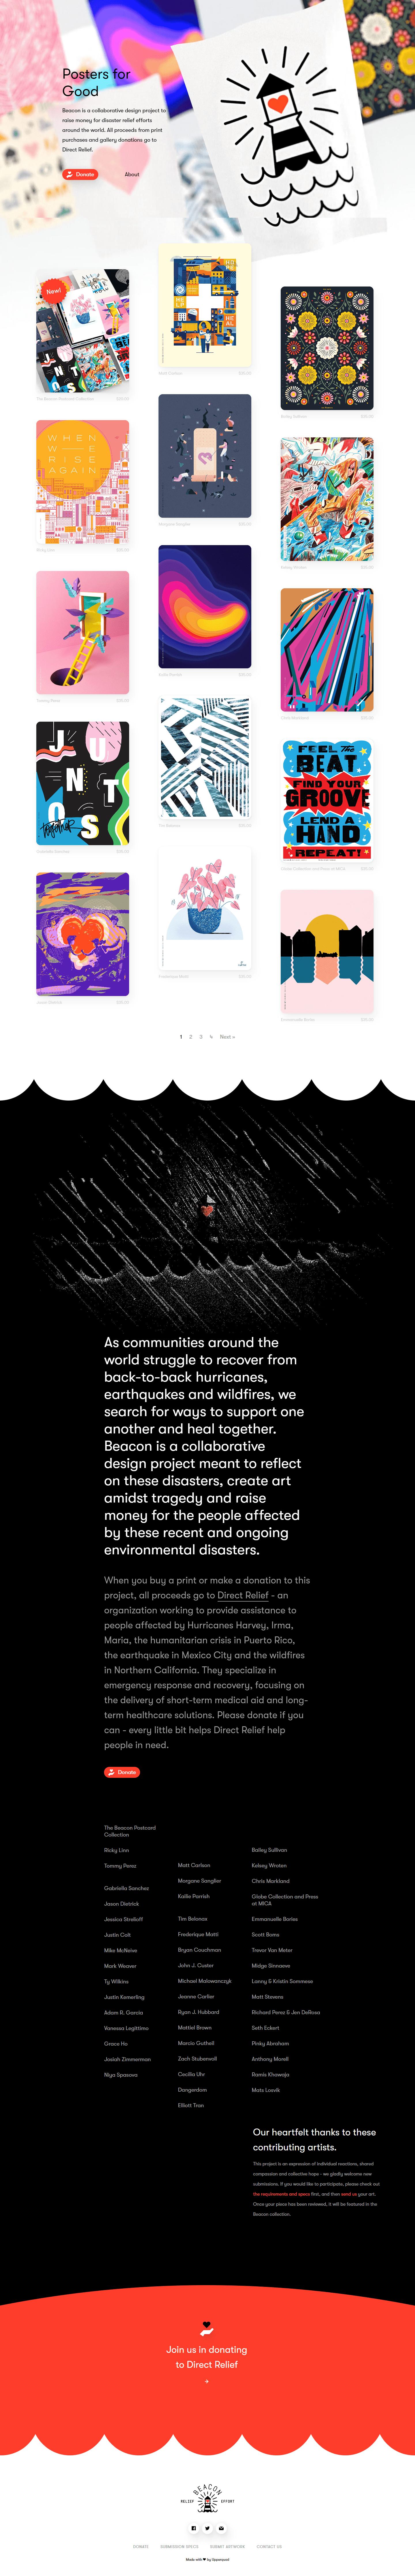 Beacon Relief